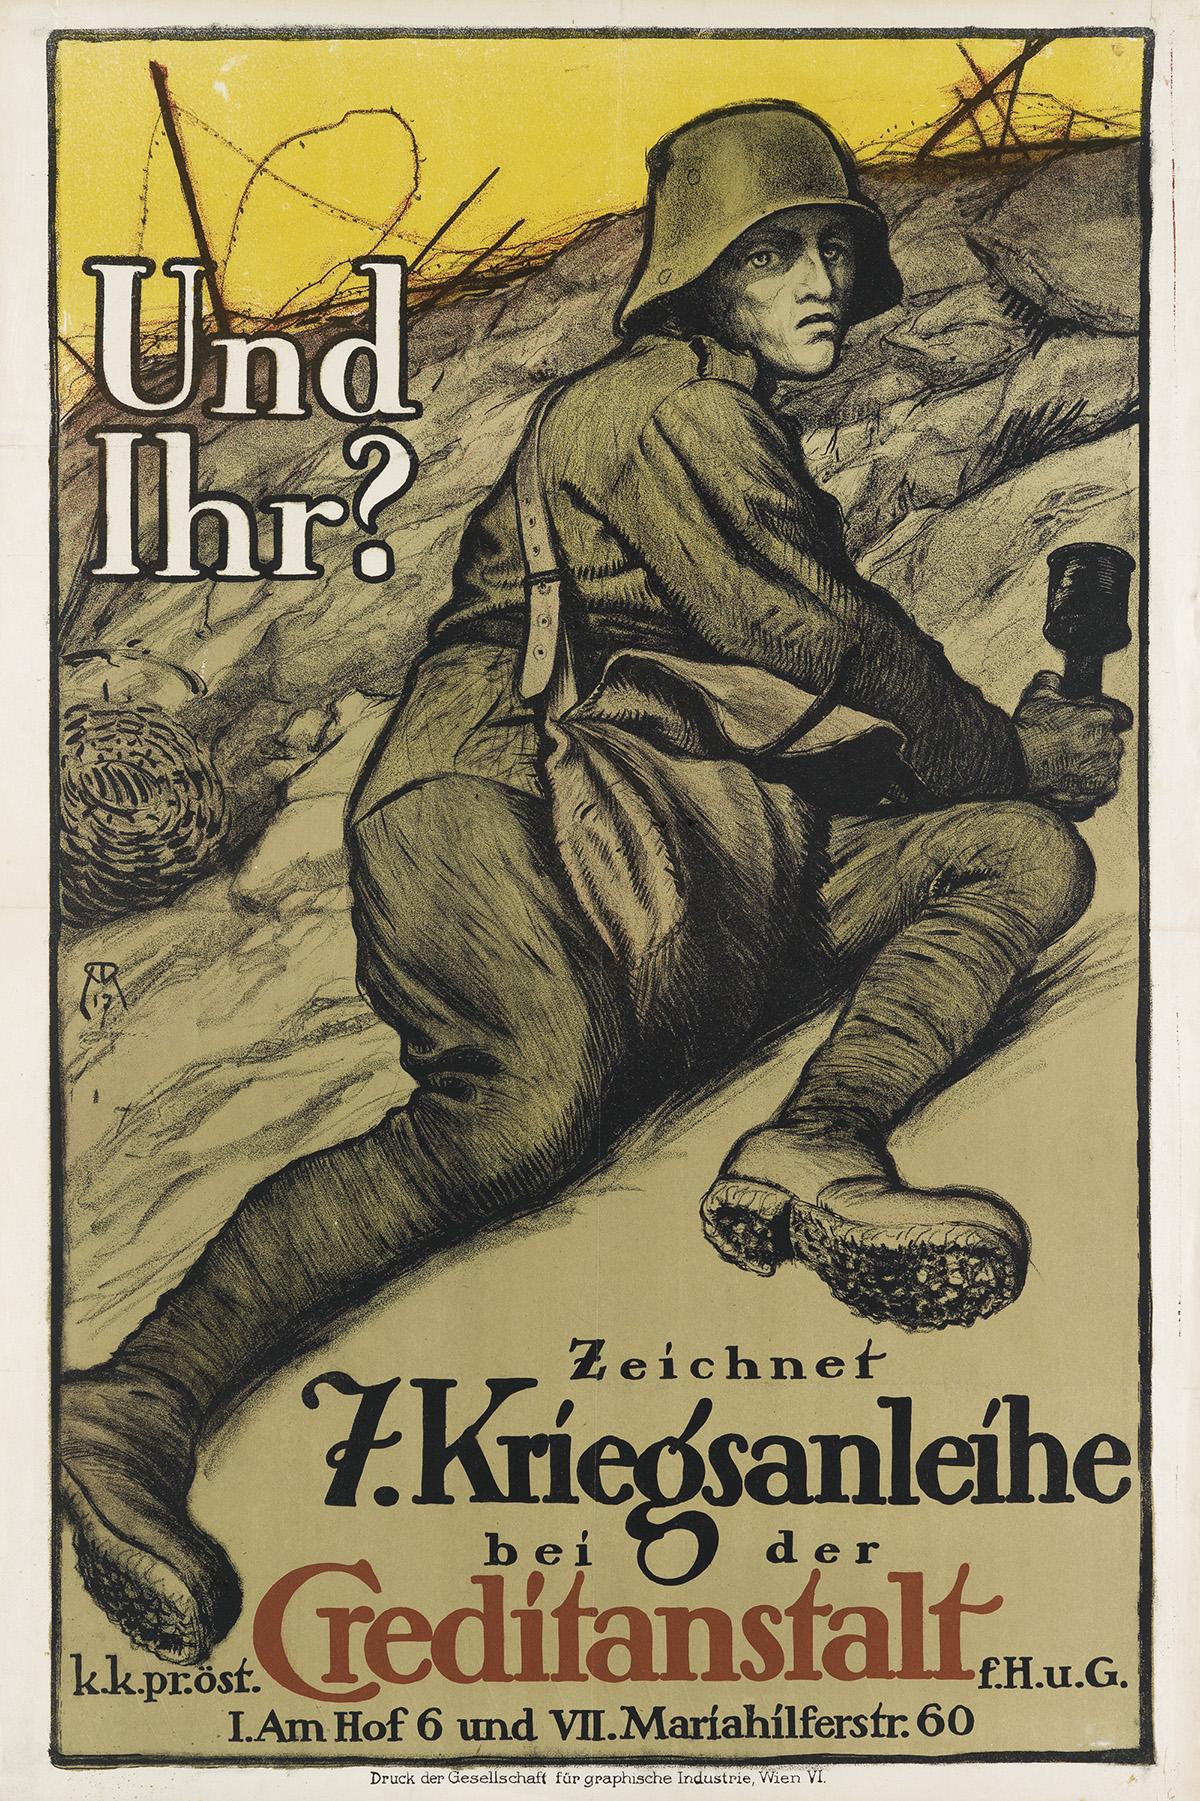 ALFRED ROLLER (1864-1935). UND IHR? / 7. KRIEGSANLEIHE. 1917. 37x24 inches, 94x63 cm. Gesellschaft fur Graphische Industrie, Vienna.